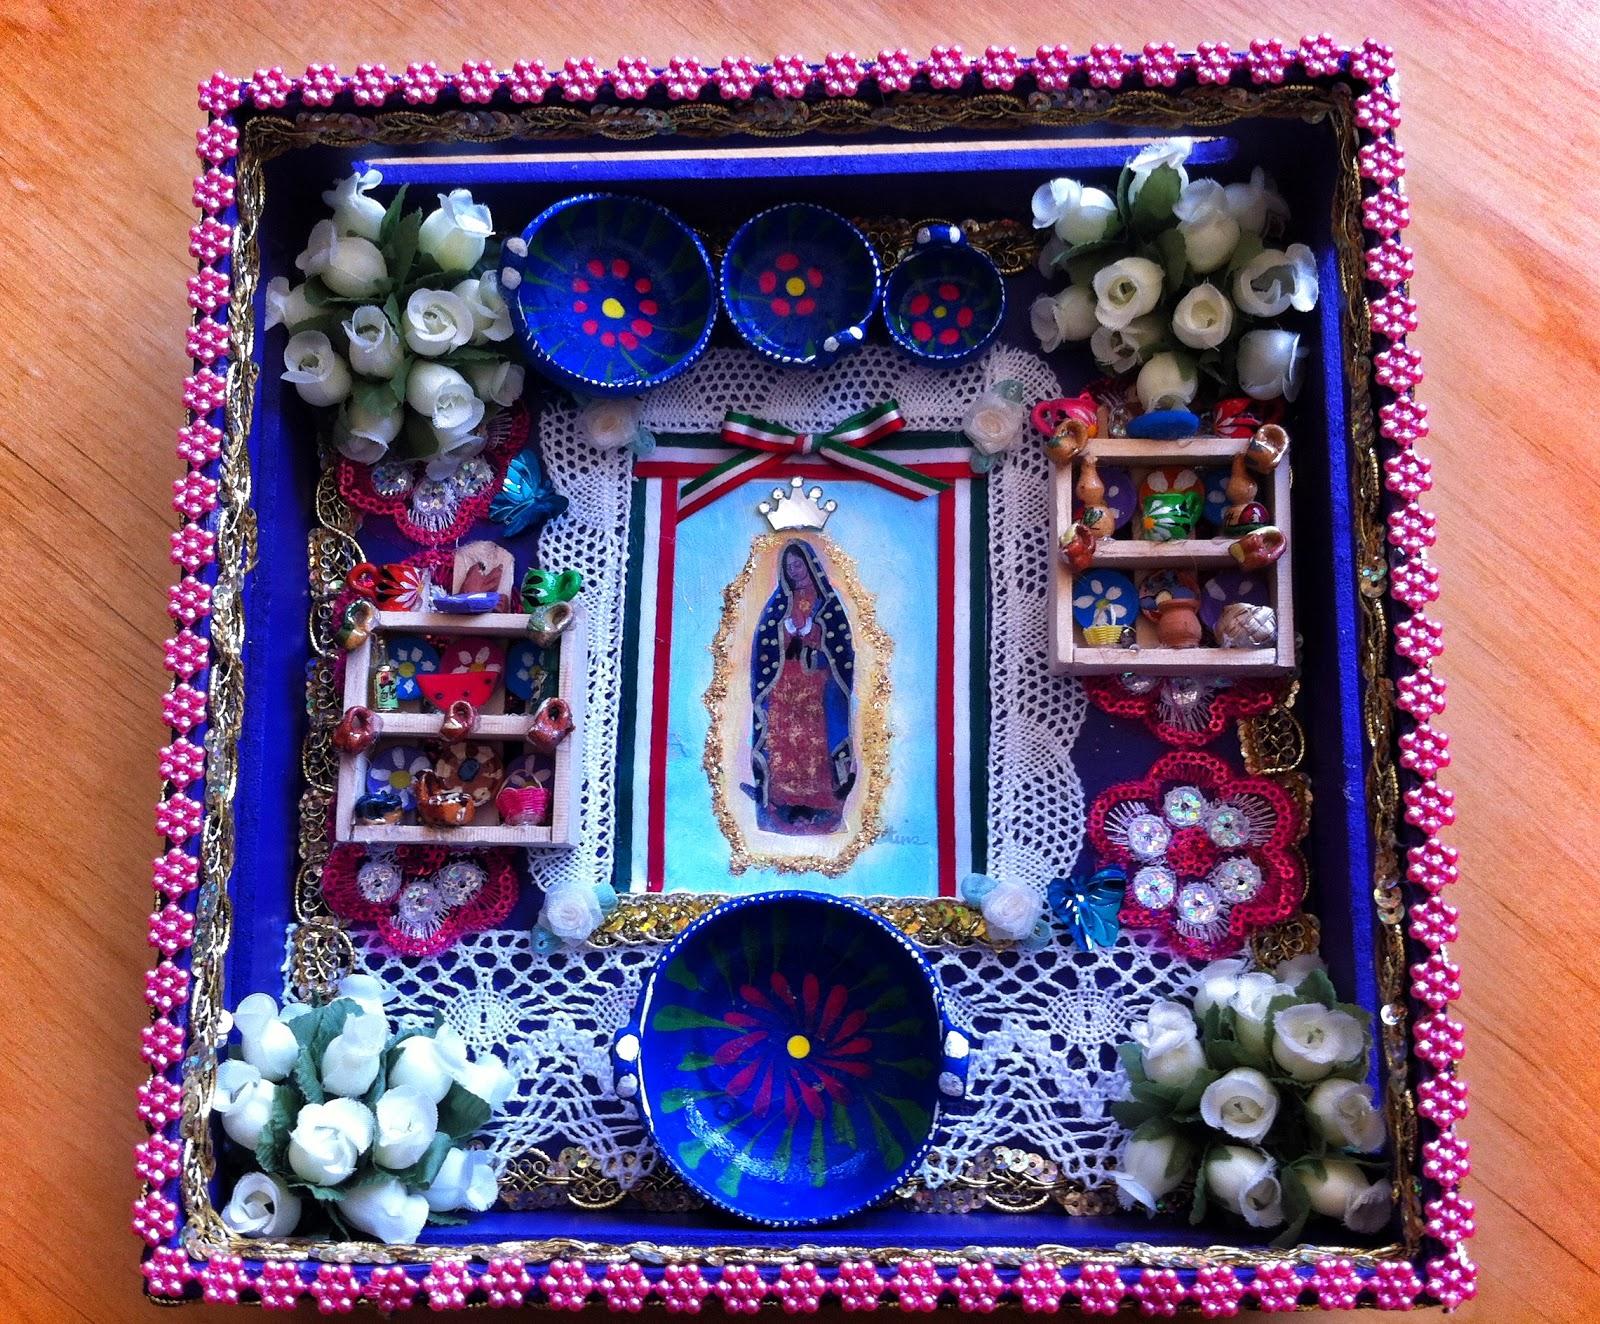 Arte misi n mar a cajas de madera pintadas y decoradas a mano - Cajas decoradas a mano ...